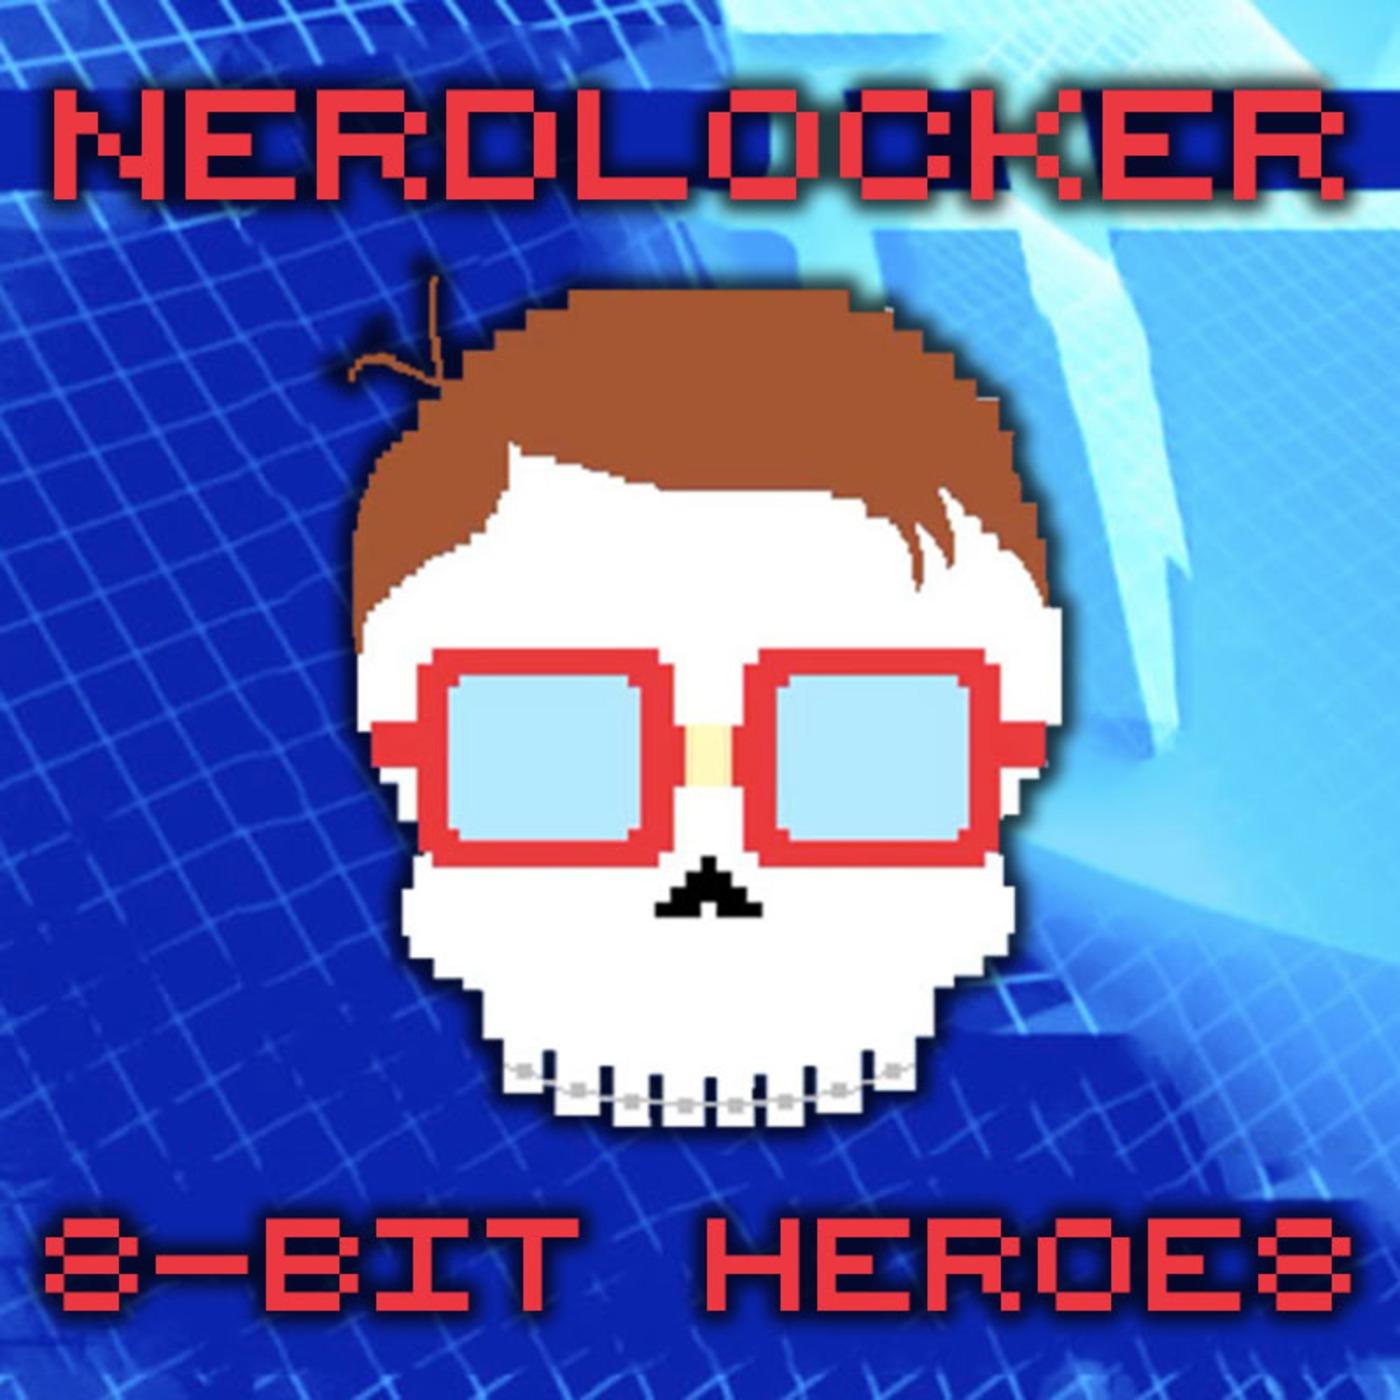 8-Bit Heroes